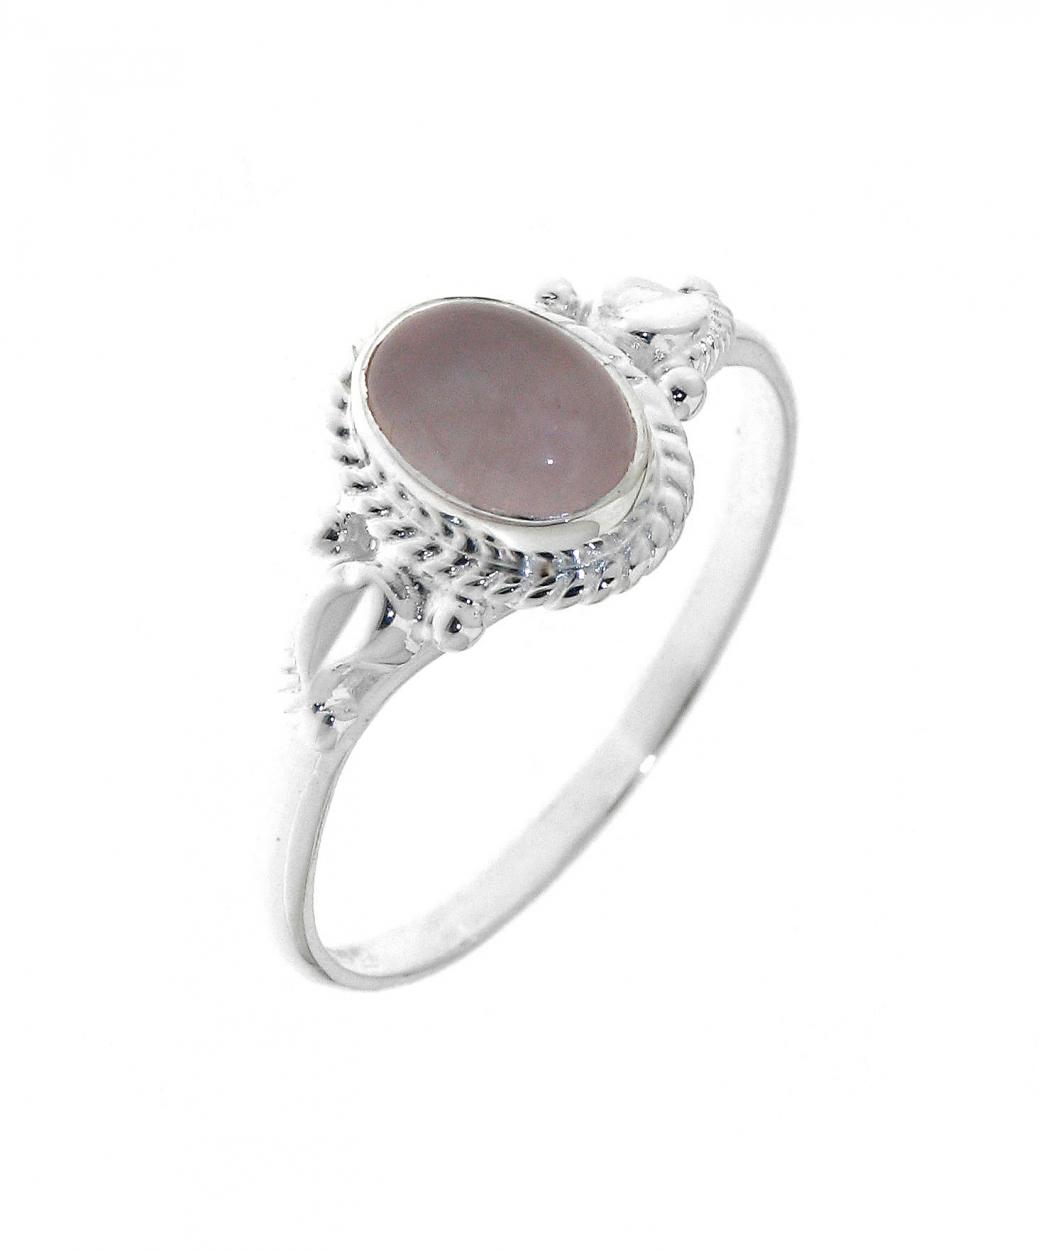 Bijoux Argent pour Femme (Bagues, Boucles d oreilles, Bracelets ... 2a2d2723dd9